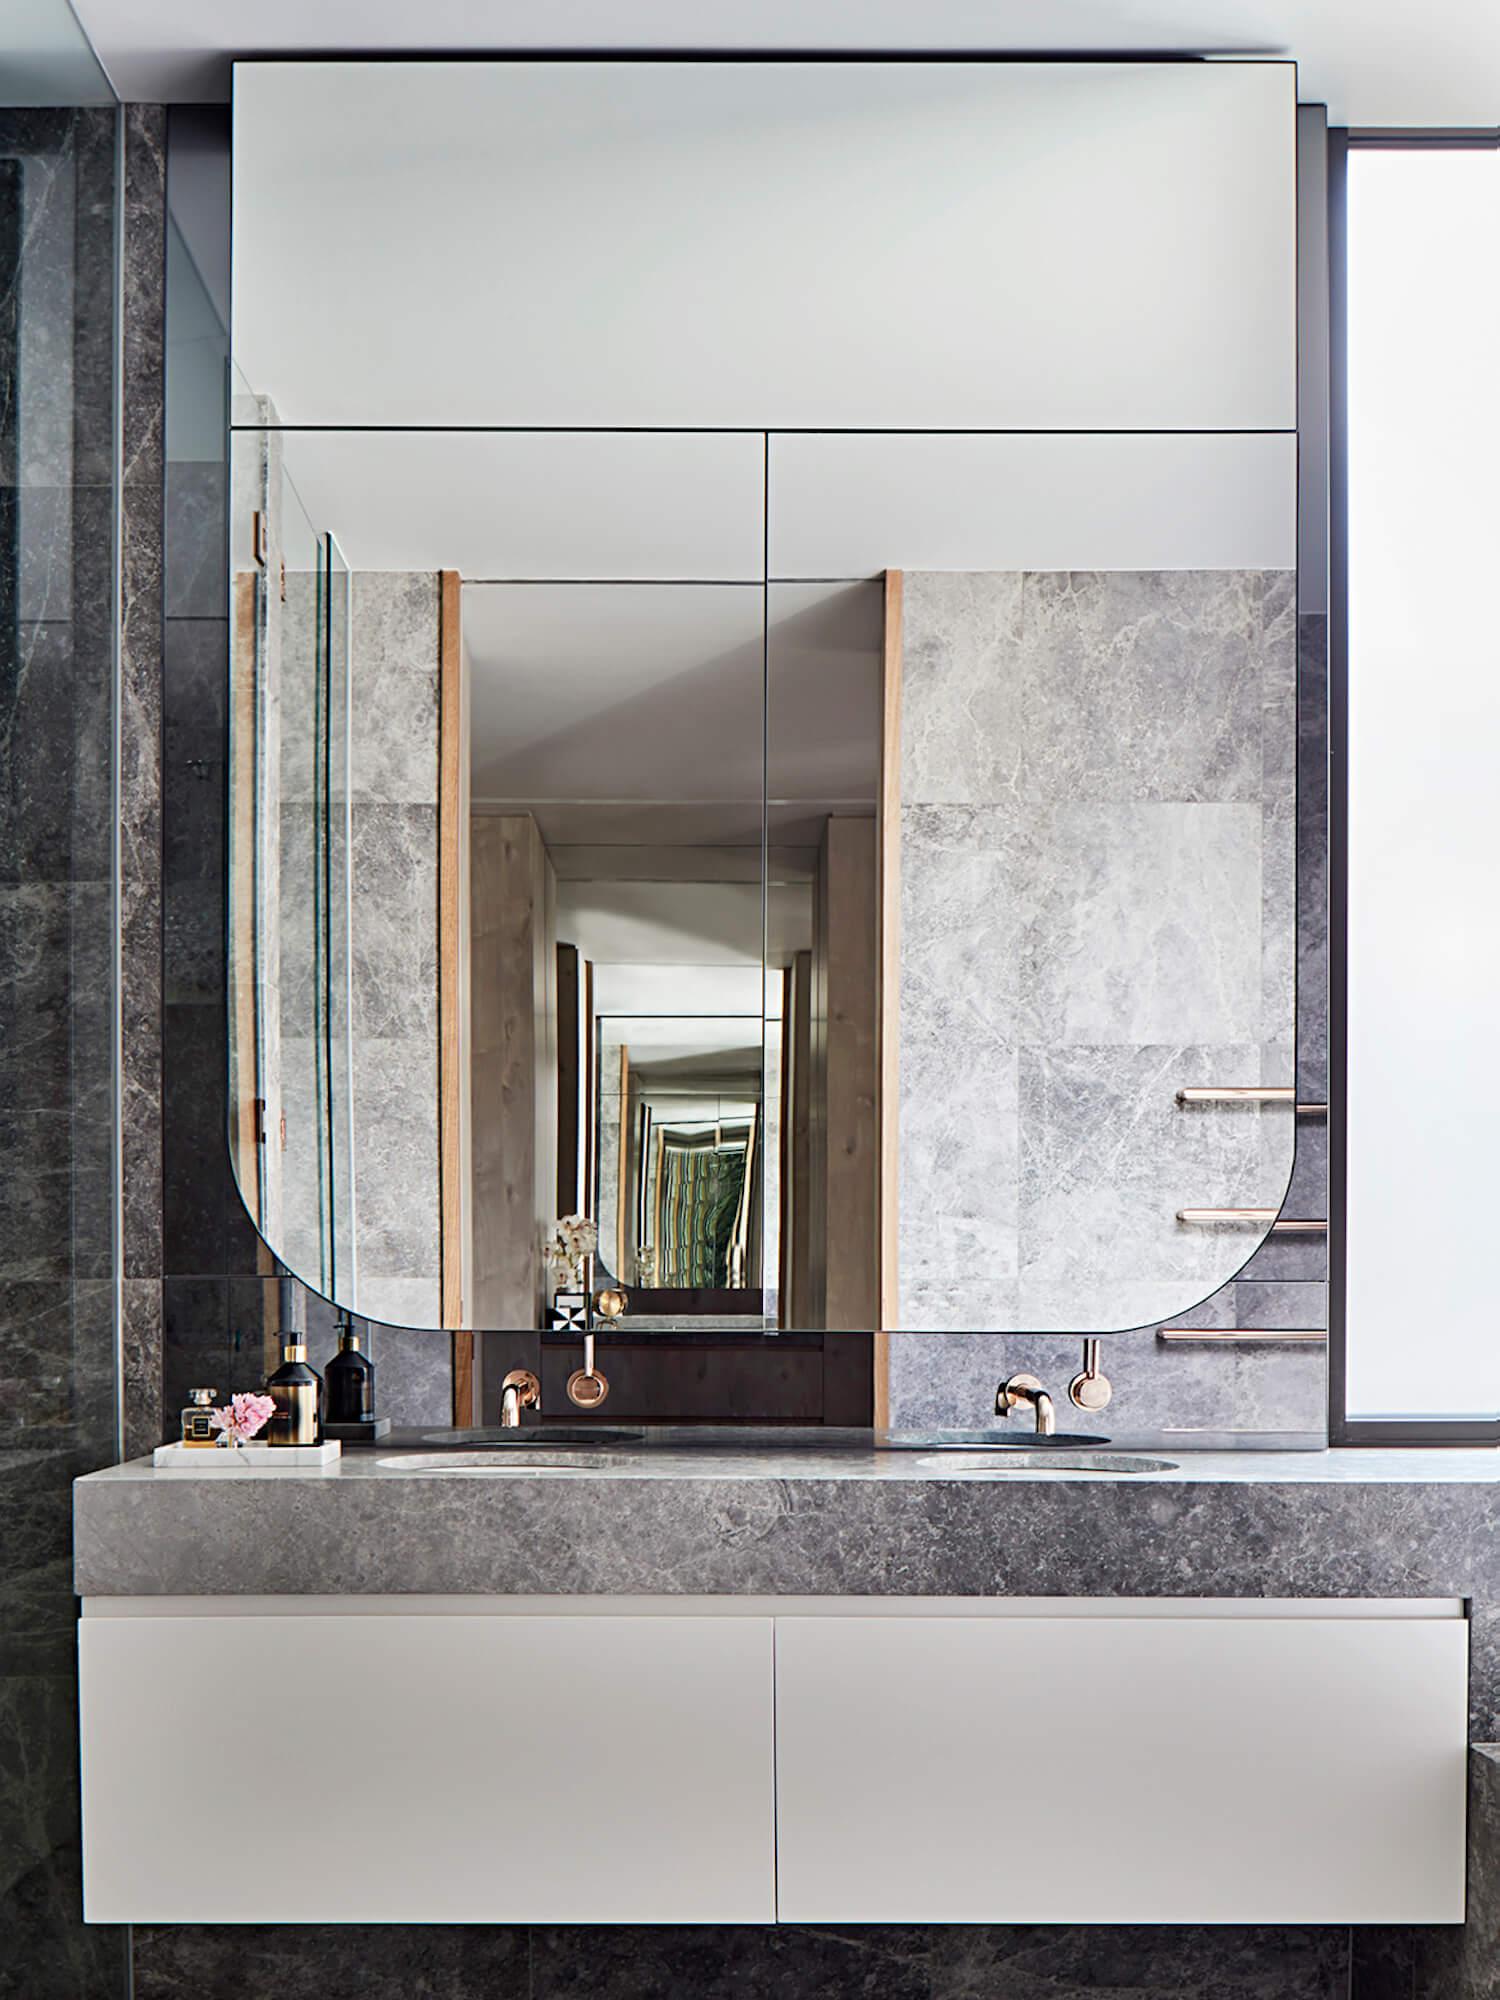 灰色大理石卫生间,漂亮的浴室柜和镜子